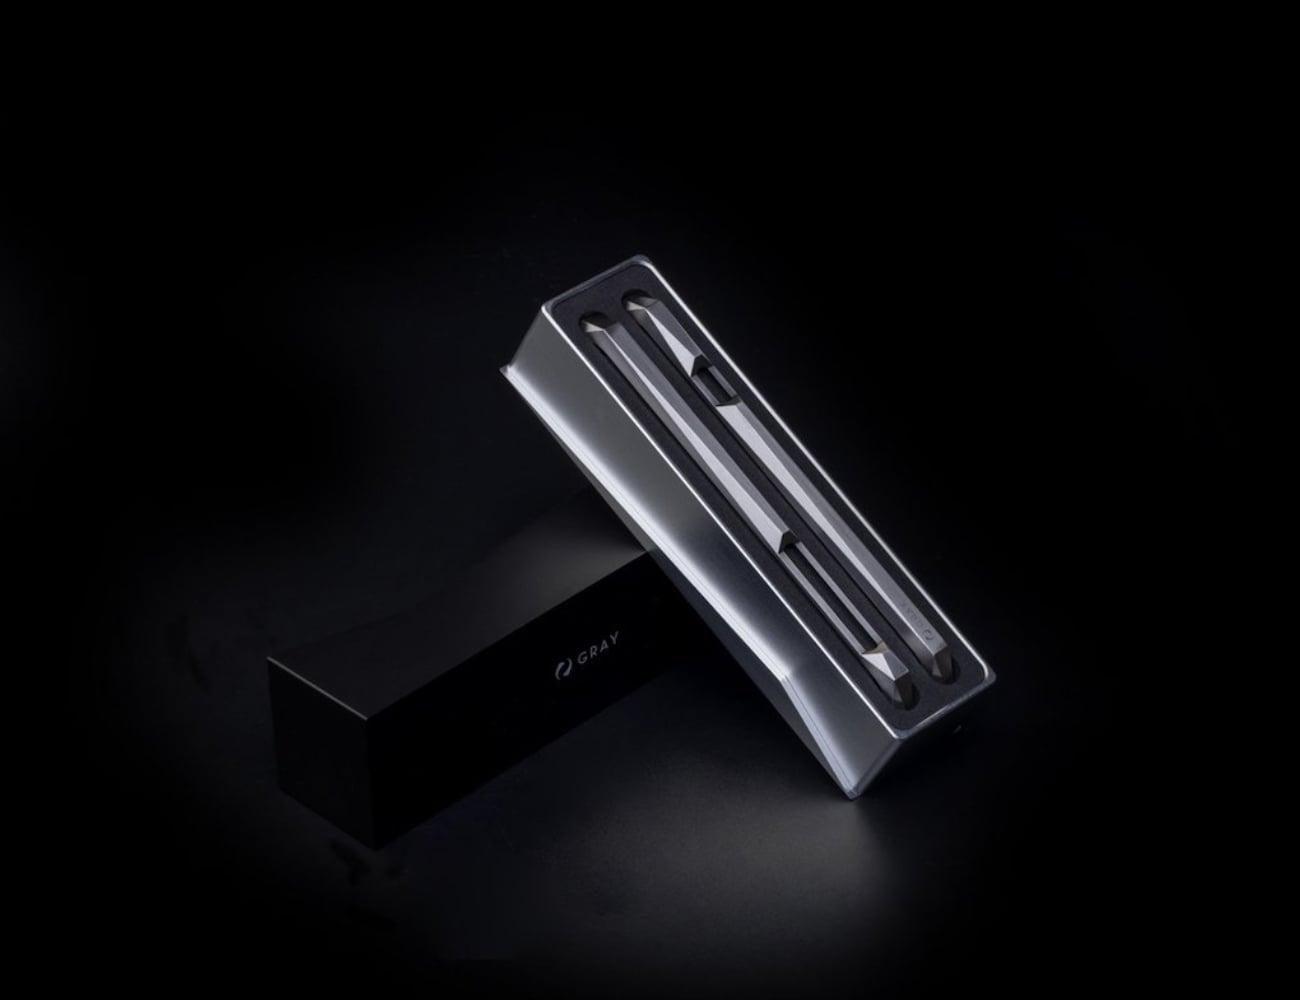 Gray Advent Titanium iPhone X Case